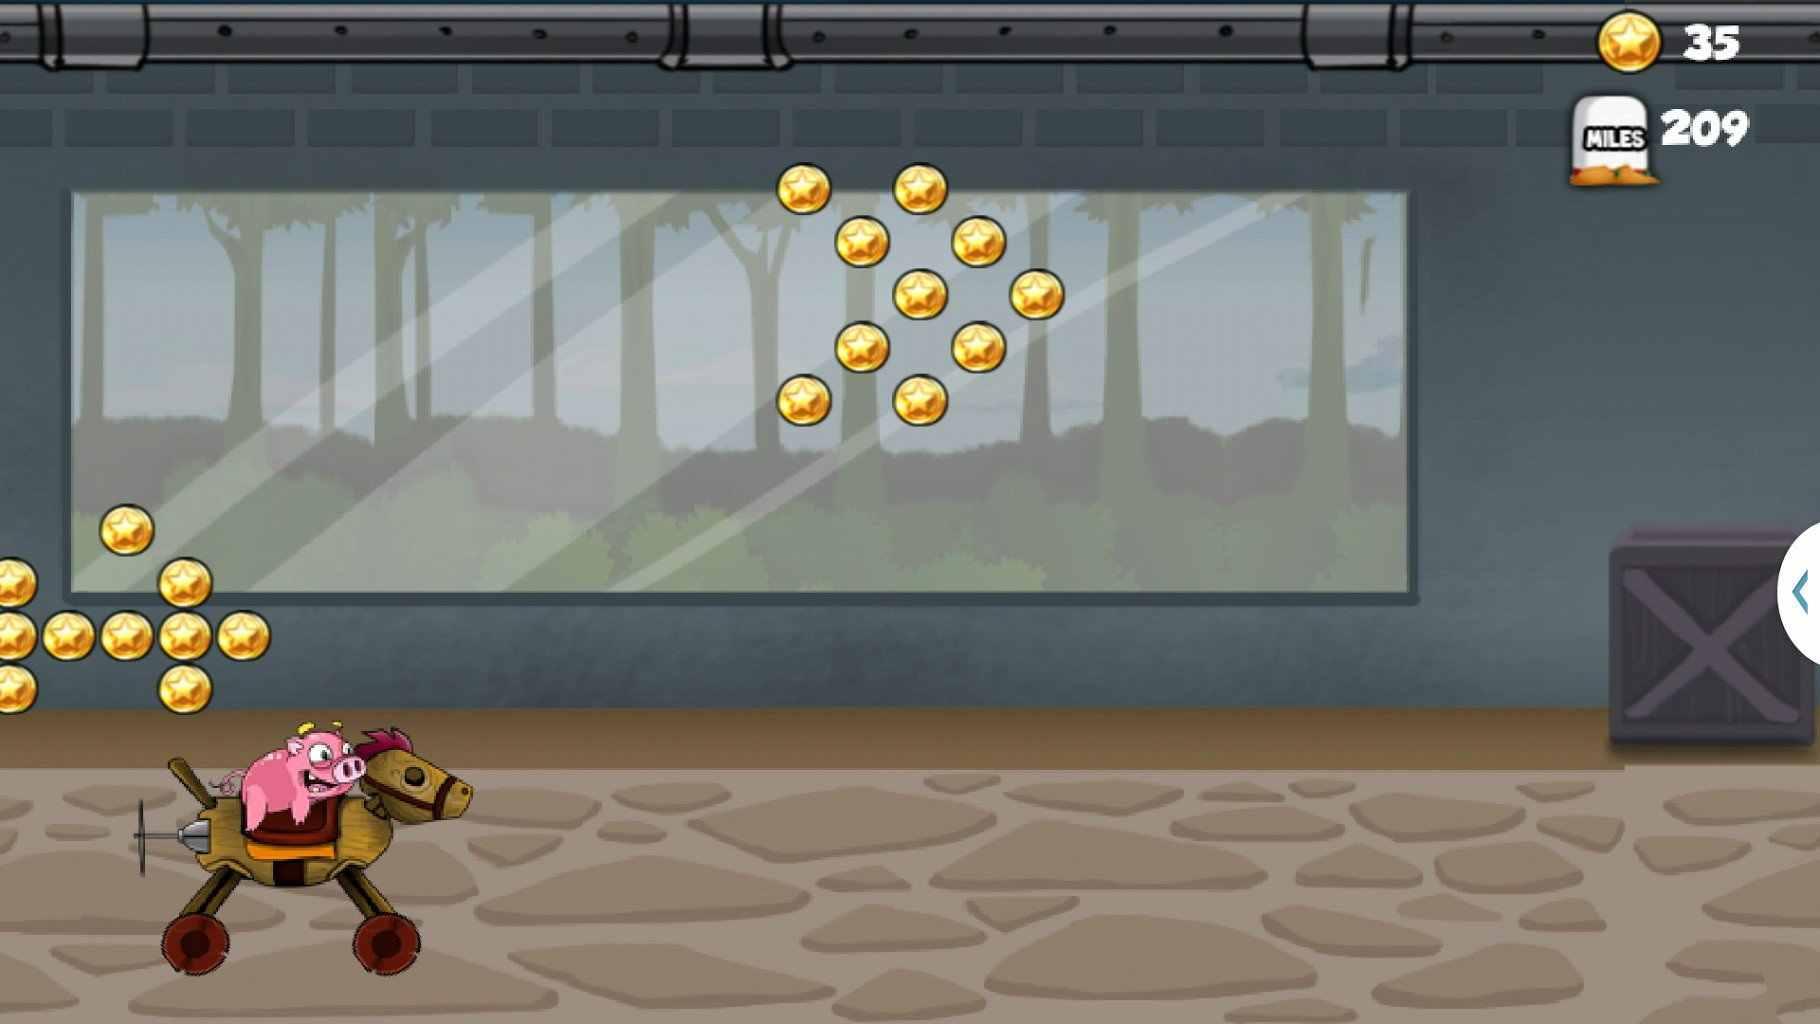 Jetpack Joyride》的飞行酷跑游戏,看起来这是一个平面,没有一只鸟,没有超人哦,不,没有等待。这是一个会飞的猪!喷气小猪是你的一站式解决方案不间断的乐趣和喜剧。这个游戏是一个明确的笑有些幽默图形和超级有趣的设计。帮助你笑,喜欢和艰难的一个不错的小游戏小行动。这个故事,你是一个猪,它喷气背包。然后你去追逐在收集硬币,避免陷阱激光和导弹。有一个记录造成的伤亡人数。